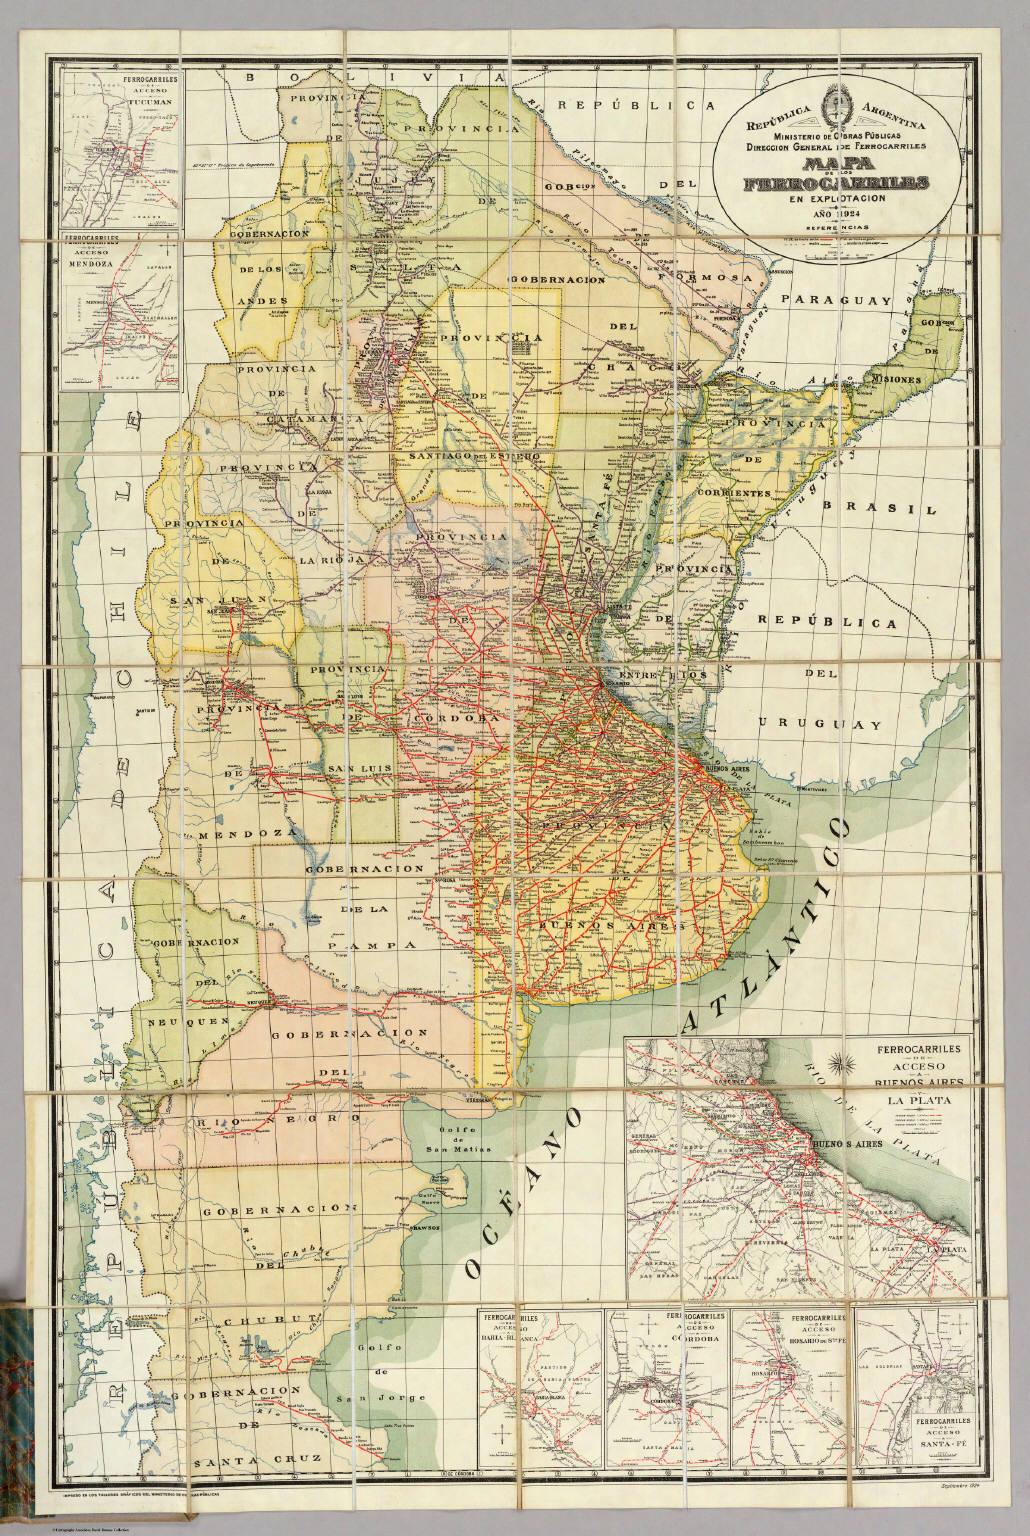 Mapa de los ferrocarriles en explotacion.